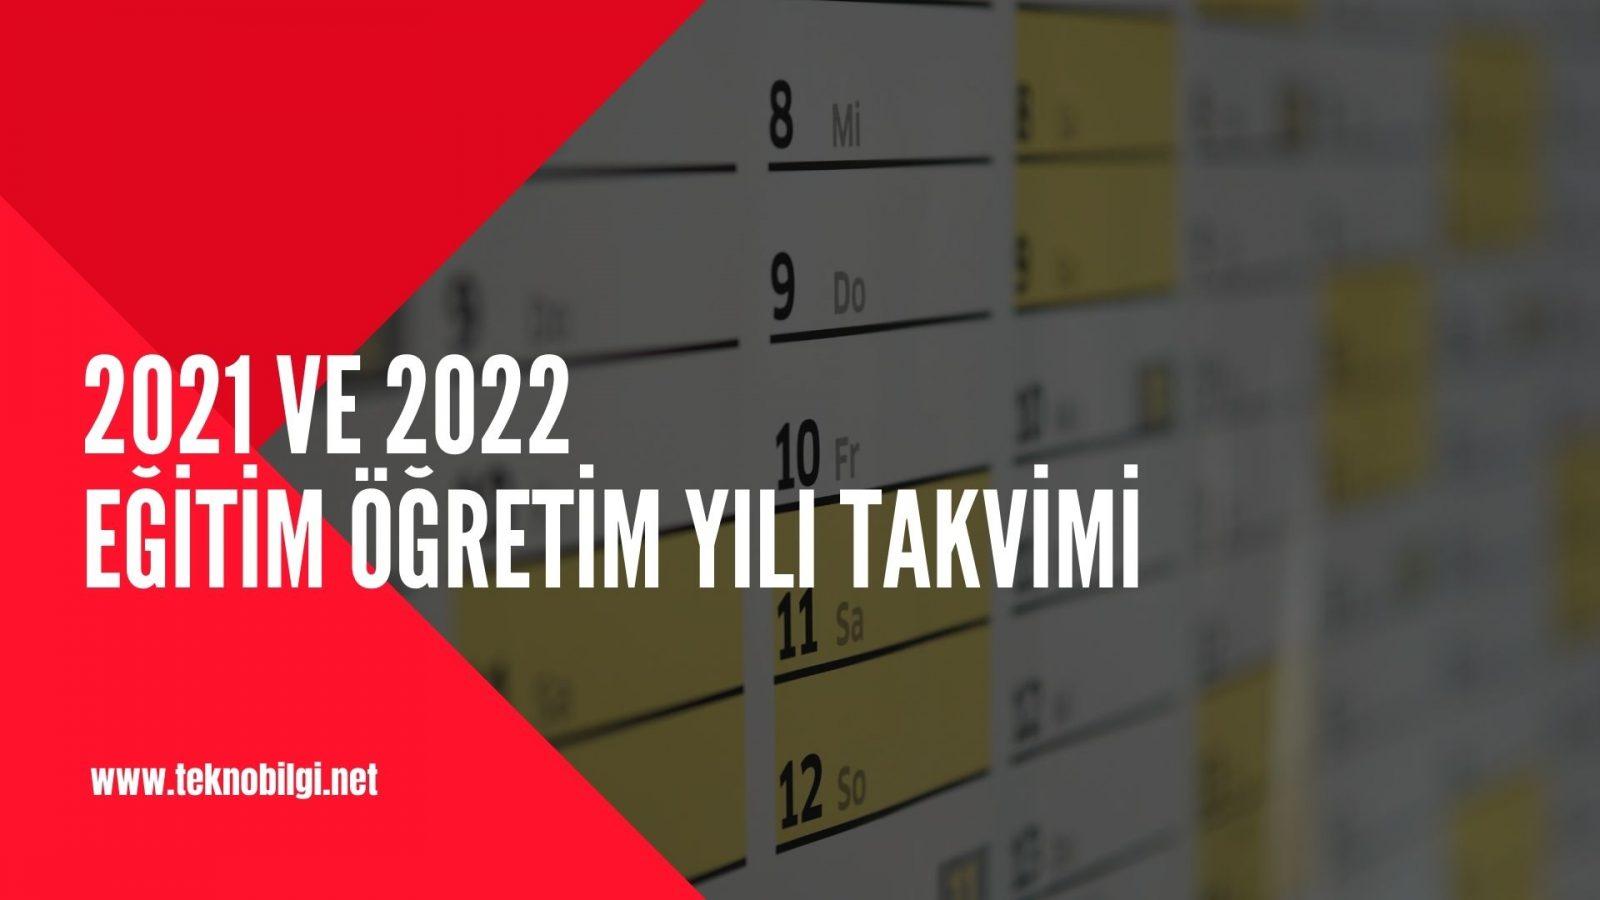 , 2021 ve 2022 Eğitim Öğretim Yılı Takvimi